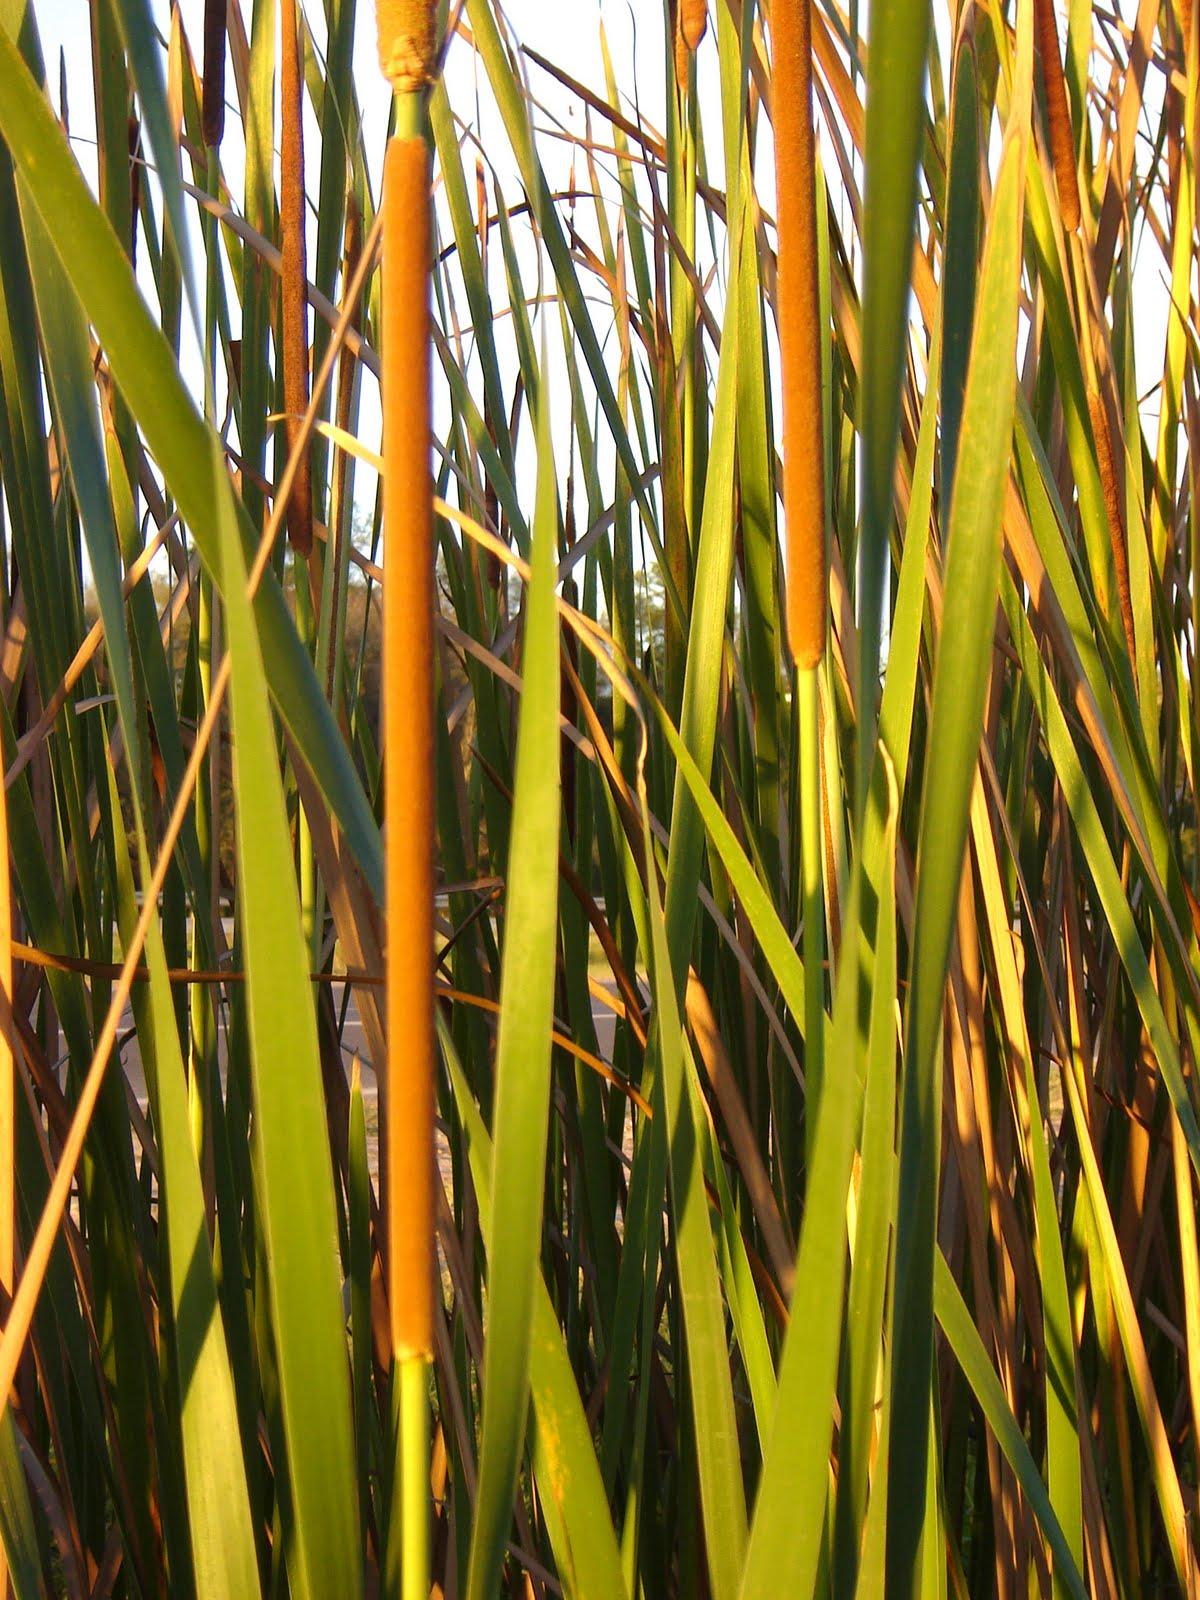 Paja en la hierba - 5 9